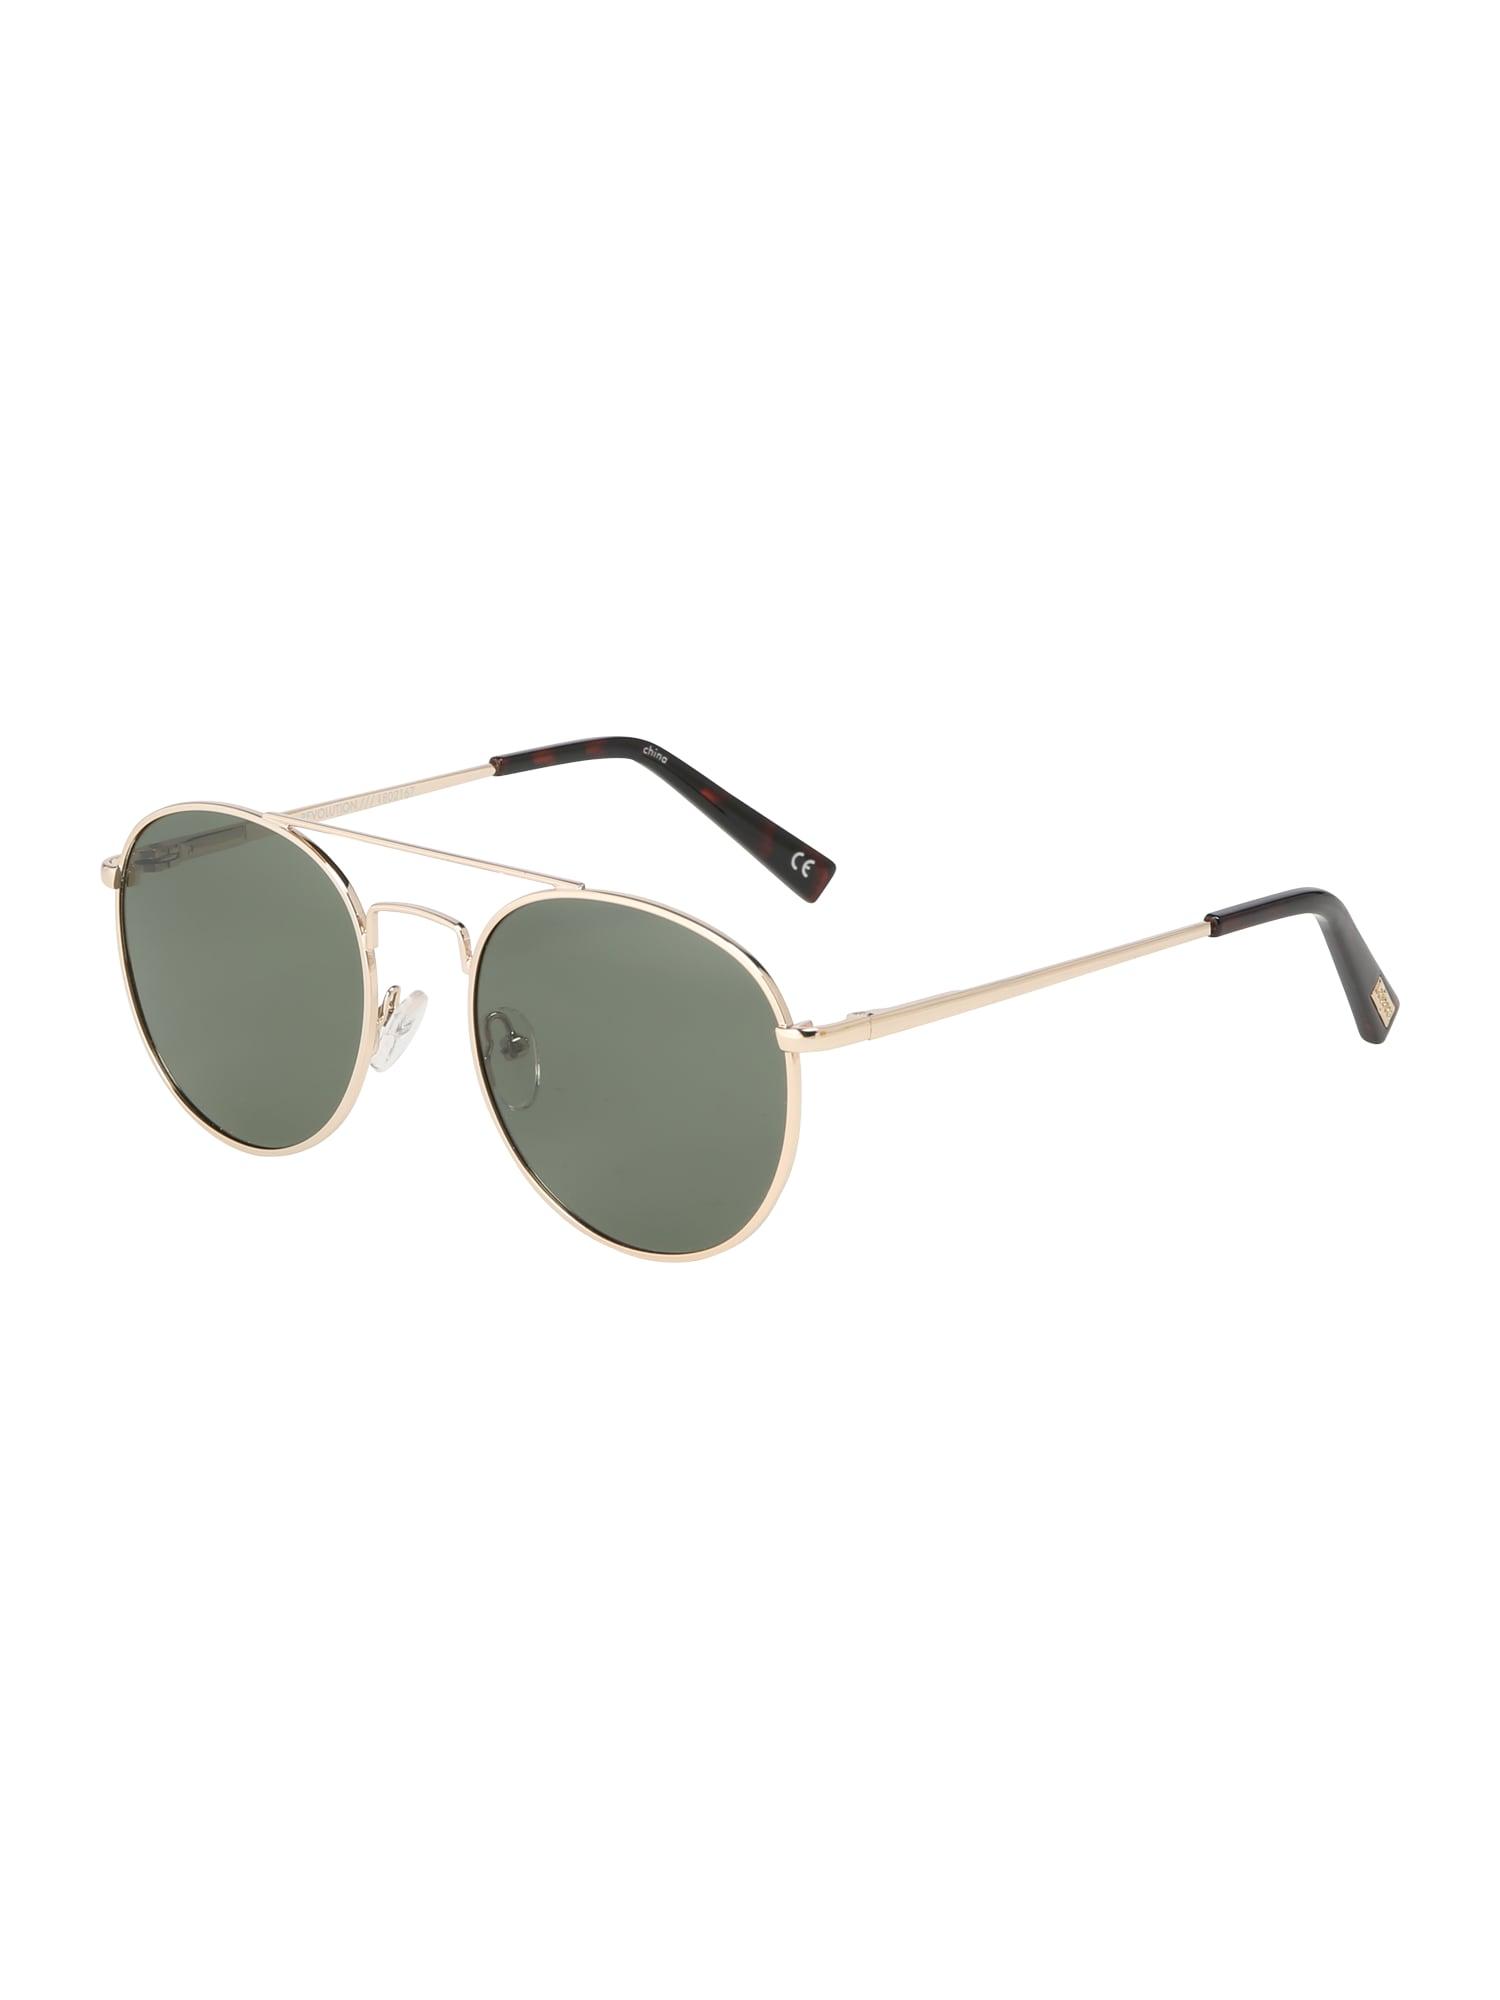 Sluneční brýle Revolution zlatá khaki LE SPECS